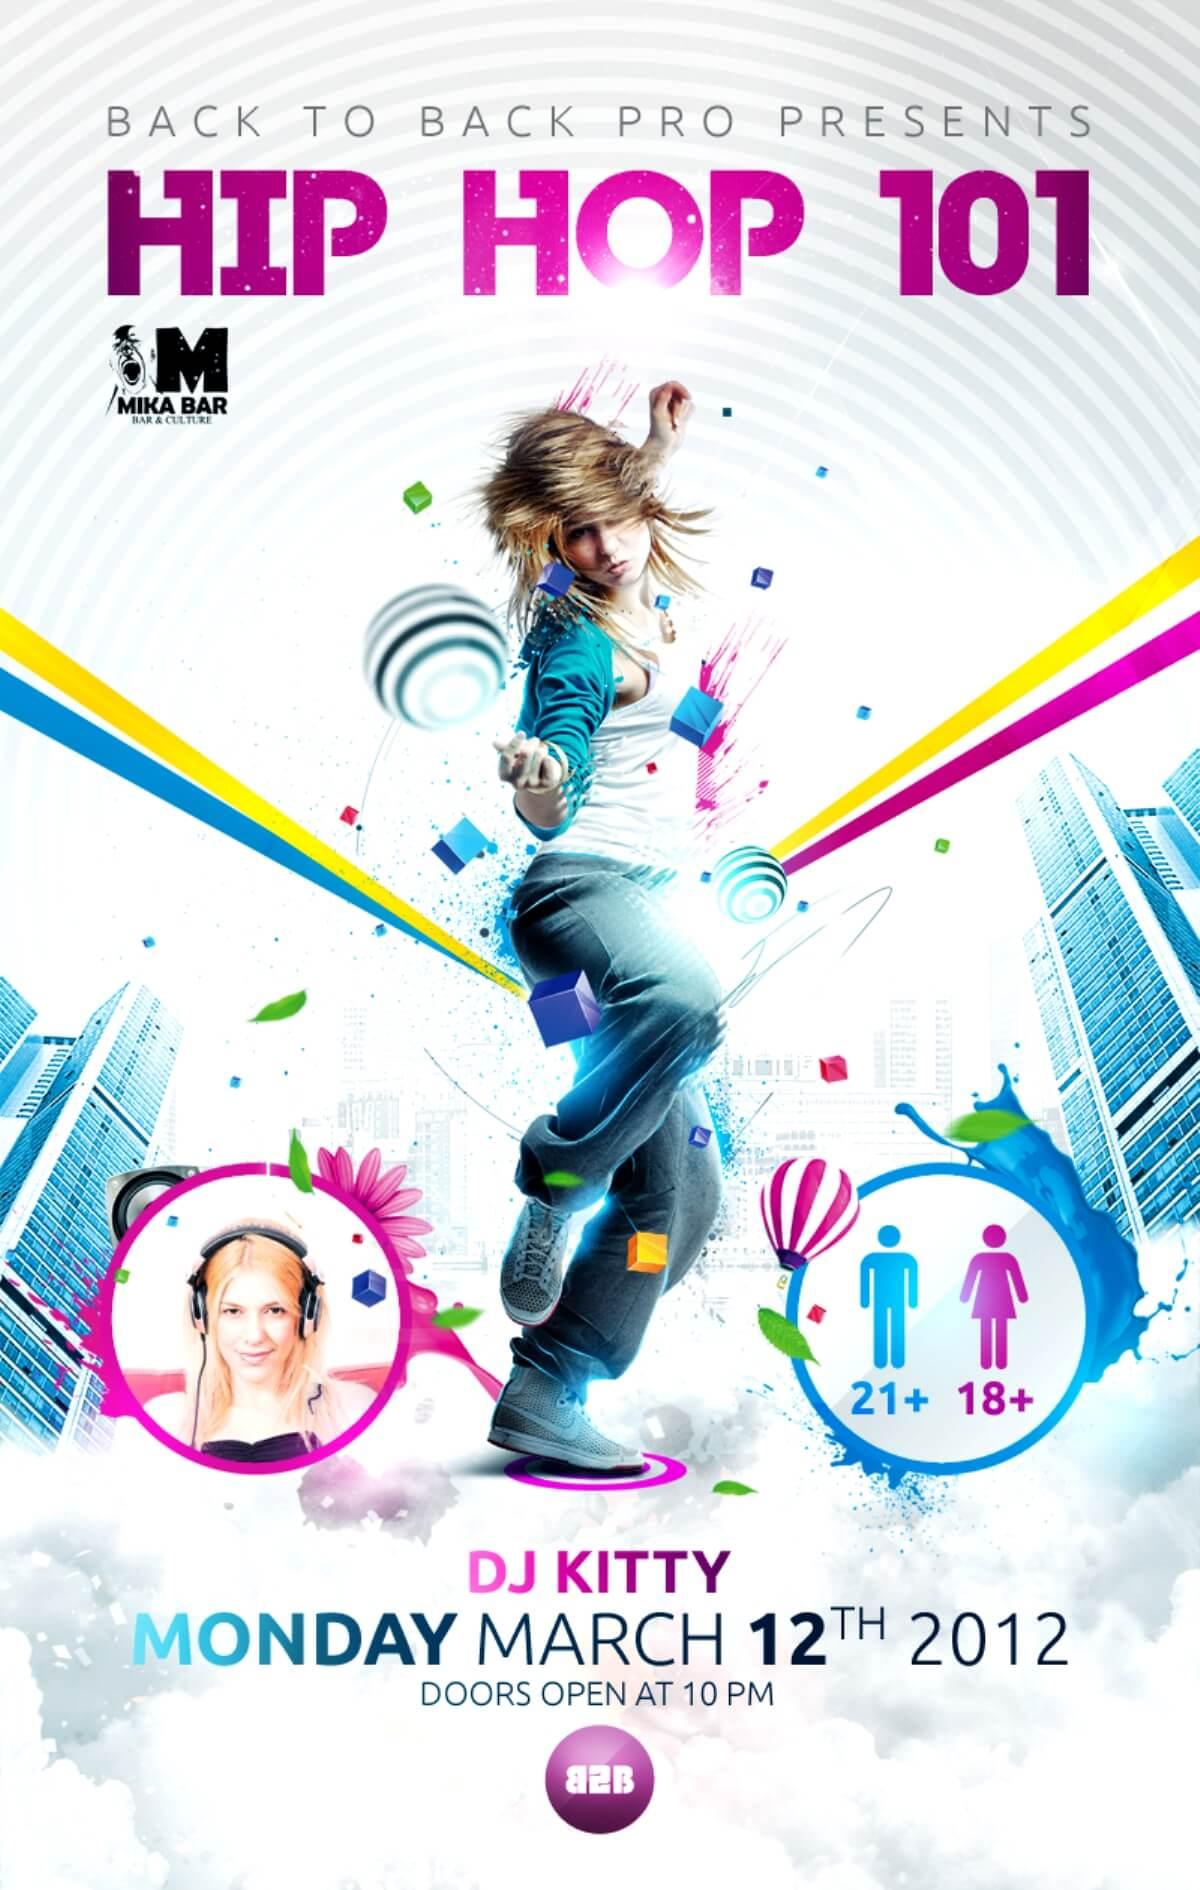 B2B – Hip Hop 101 V2 by SLE-DESIGN